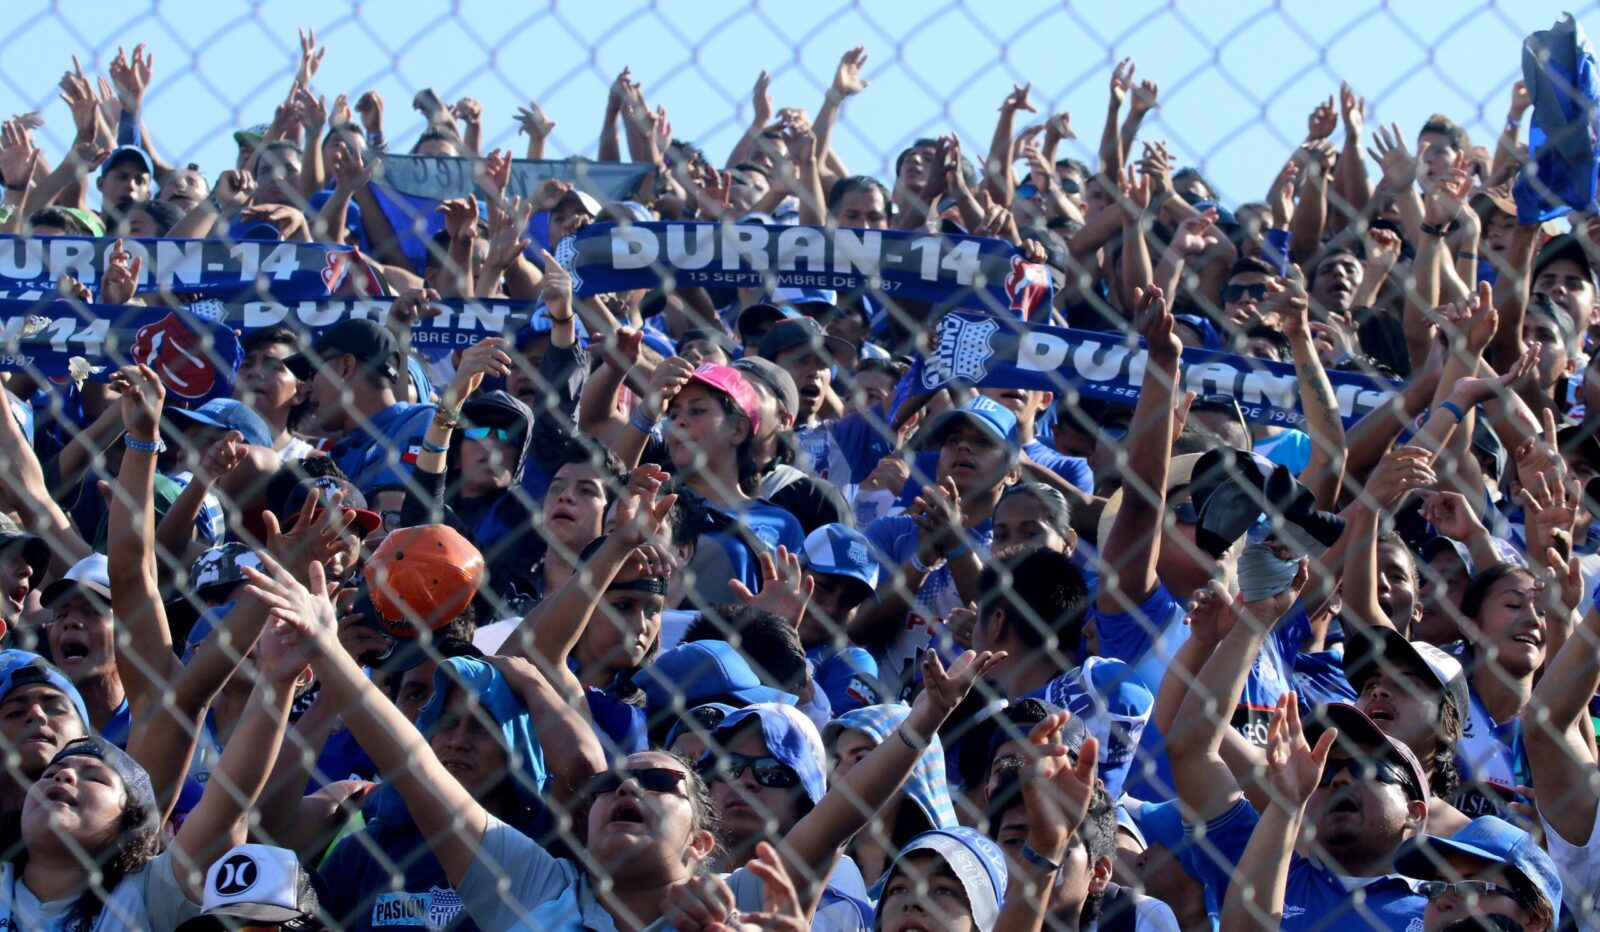 La Copa Sudamericana 2020 espera a EMELEC como Ecuador TRES